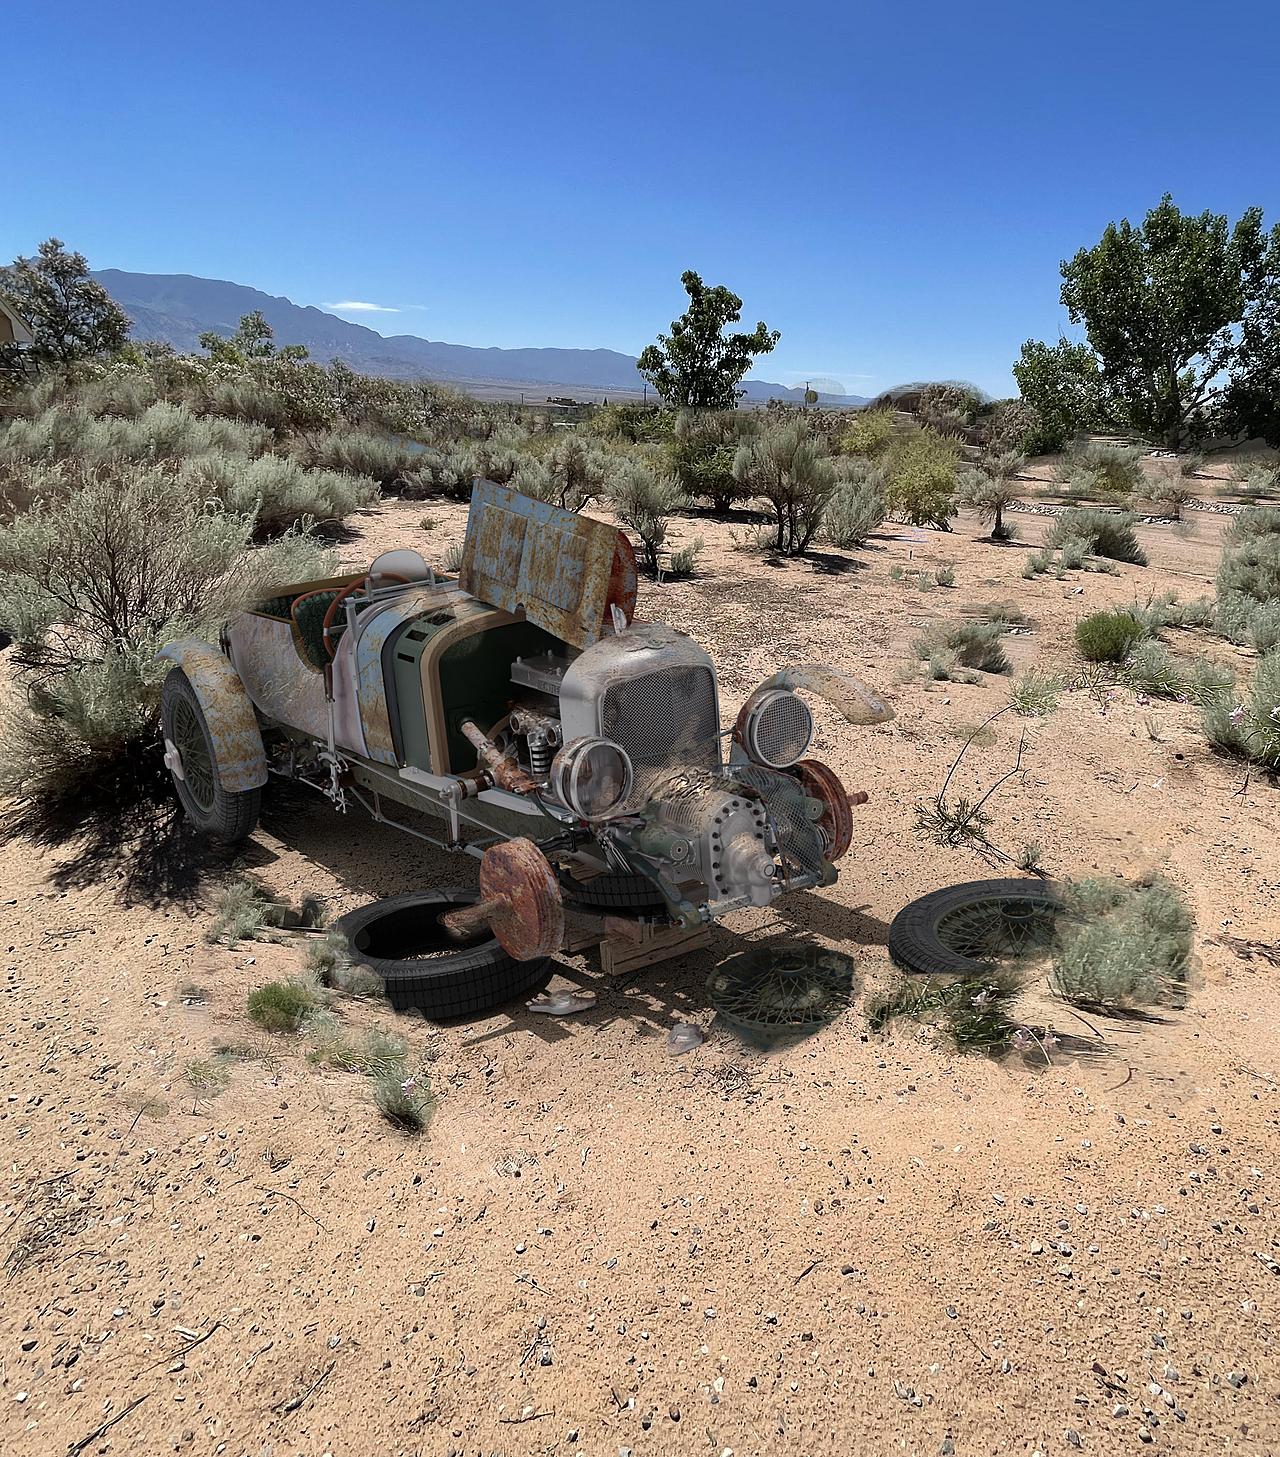 Dumped in the Desert